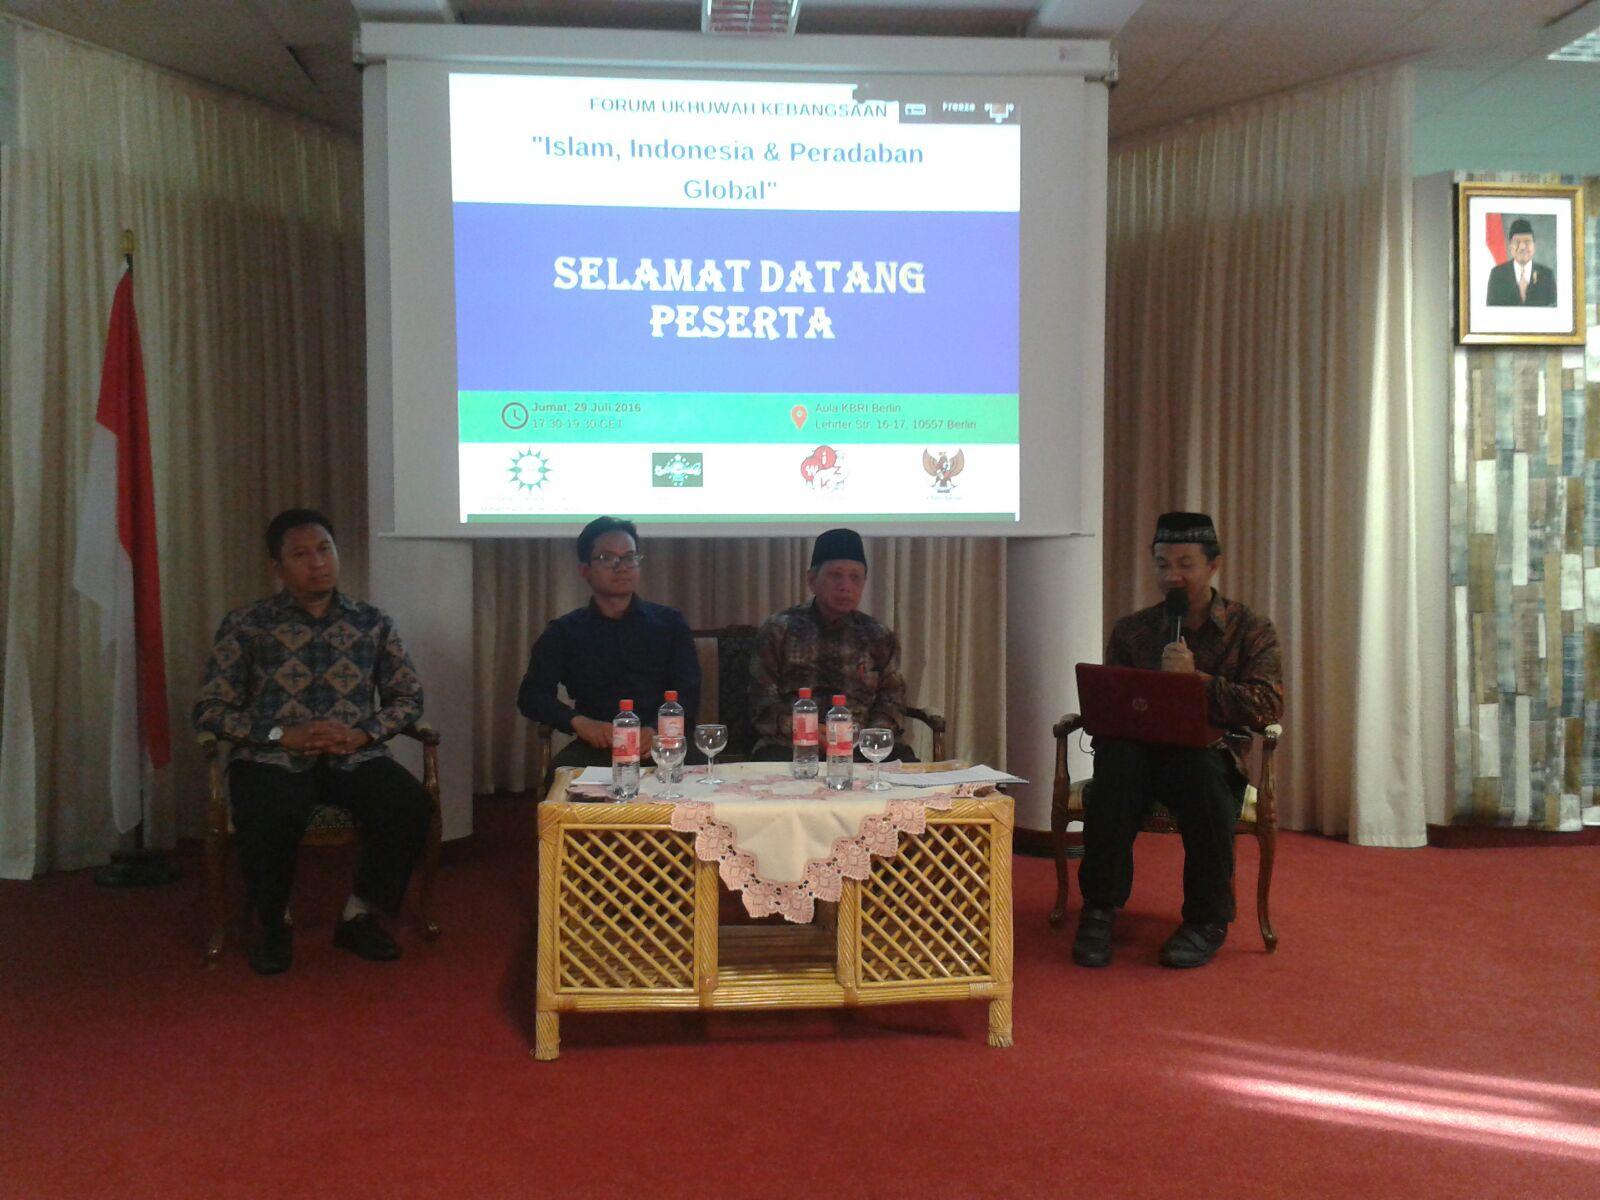 Inisiasi Forum Kebangsaan, Muhammadiyah Jerman Gandeng Semua Elemen Bangsa